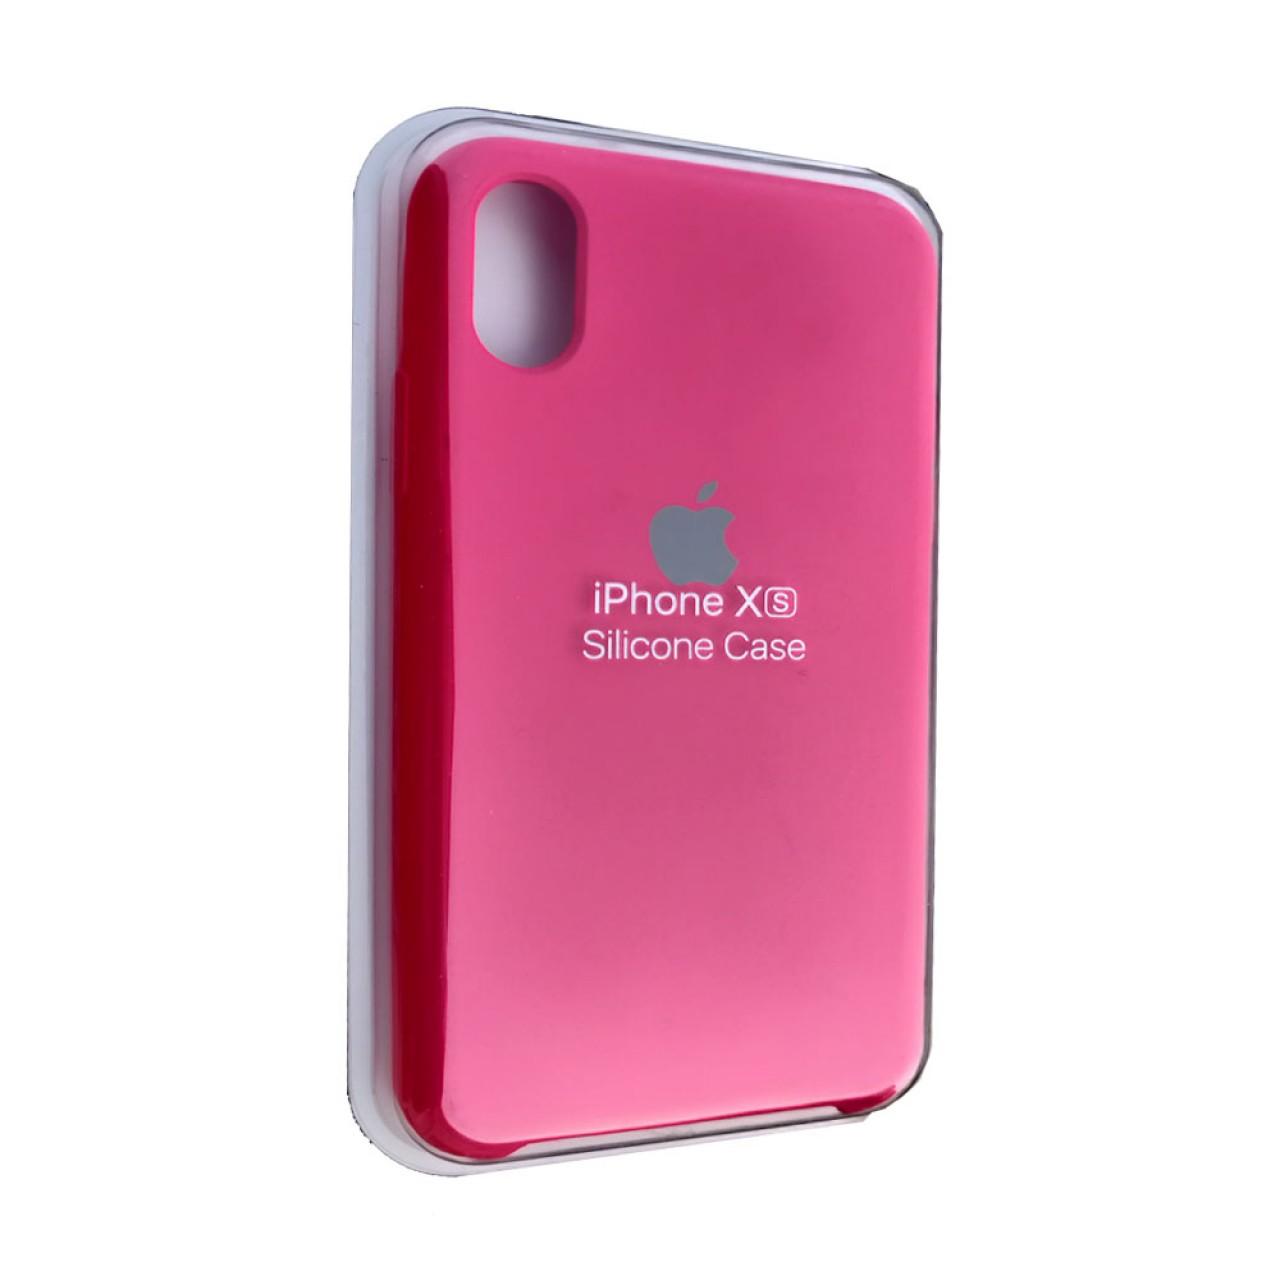 ΘΗΚΗ ΠΡΟΣΤΑΣΙΑΣ ΣΙΛΙΚΟΝΗΣ ΓΙΑ iPhone X / XS ΦΟΥΞΙΑ - BACK COVER SILICON CASE FUCHSIA - OEM